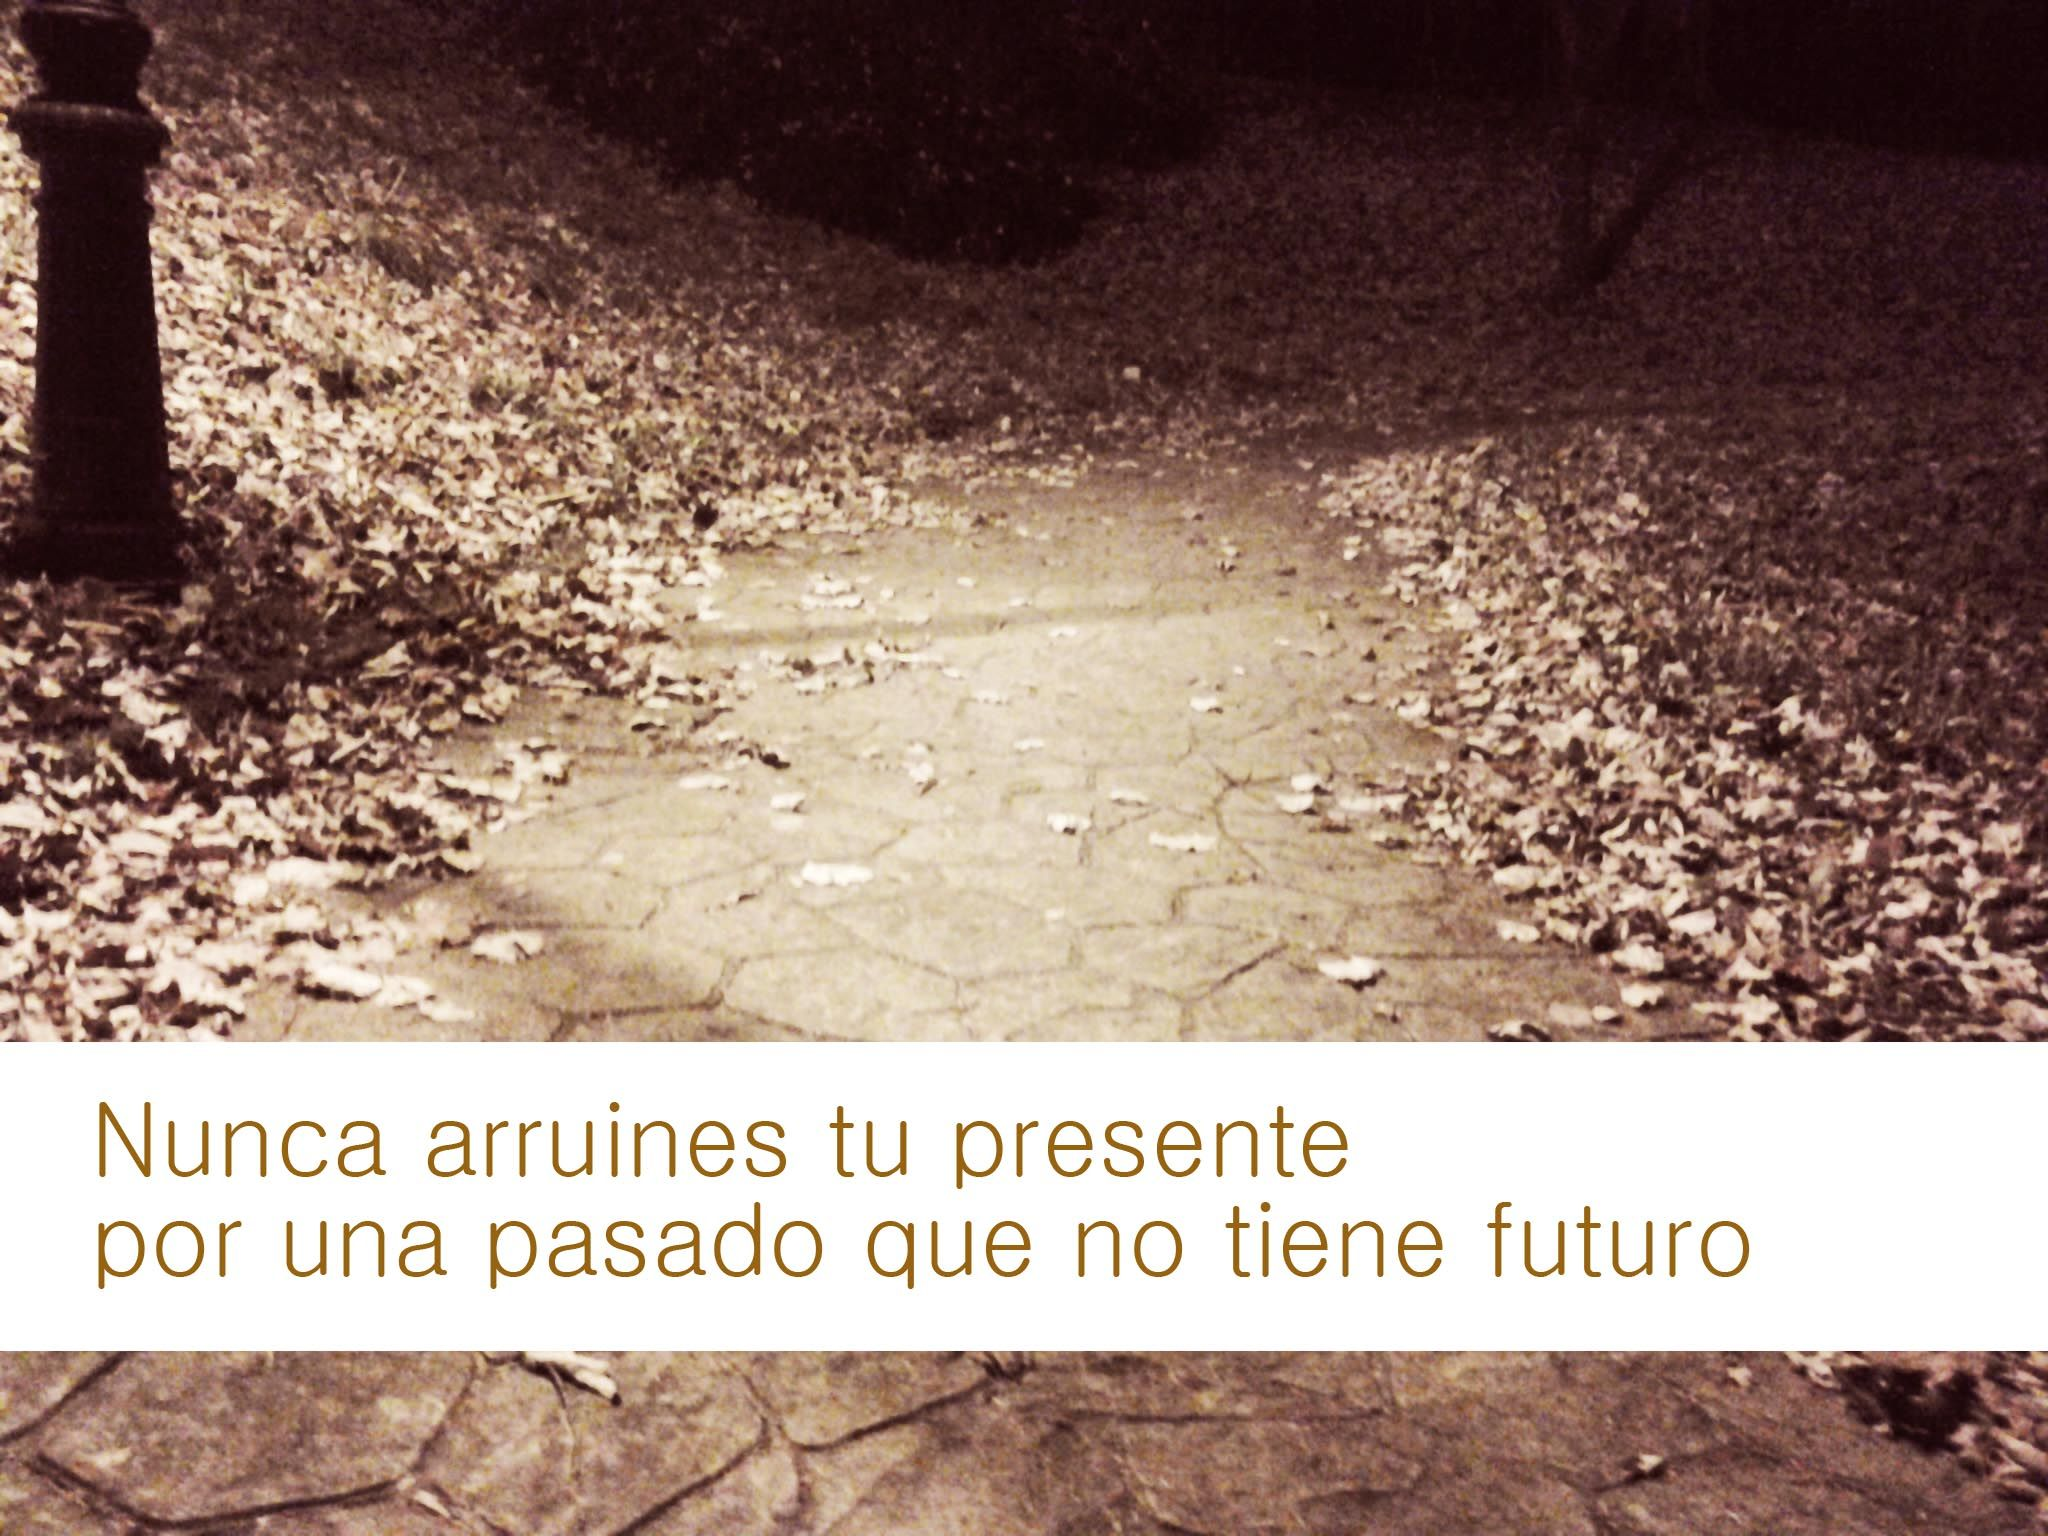 ¿De quién es la frase? Nunca arruines tu presente por un pasado que no tiene futuro. Deja el pasado donde debe estar y ¡Vive el aquí y ahora!